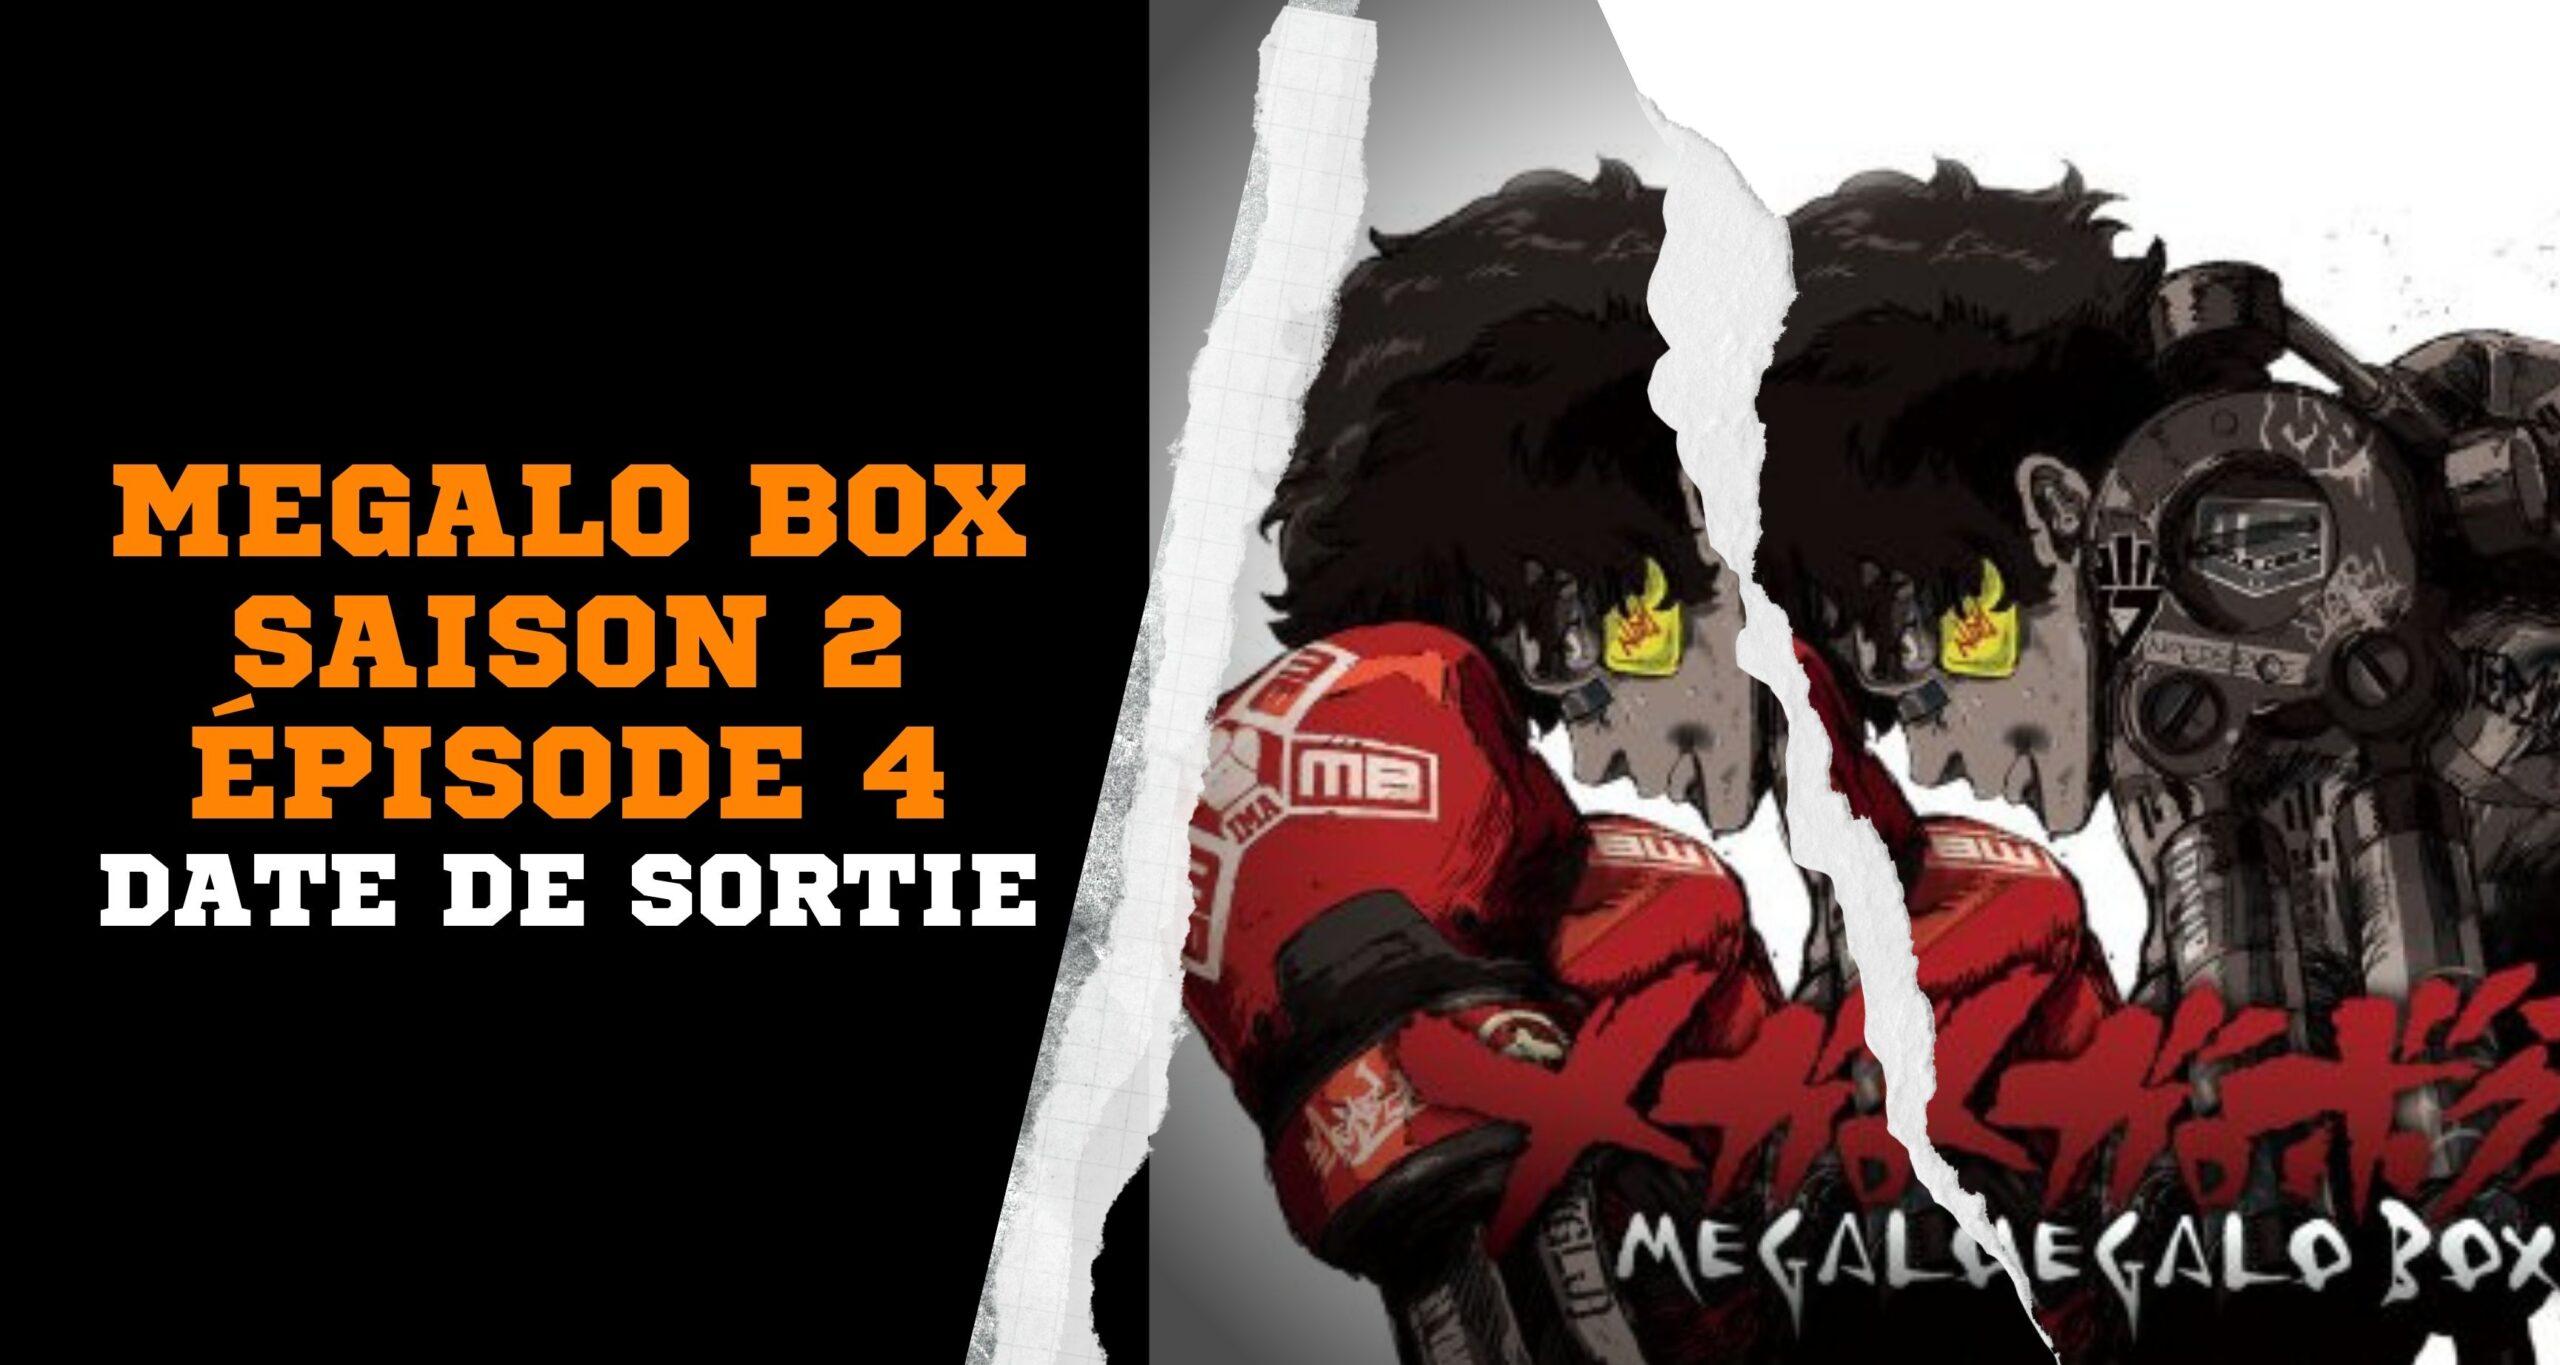 Megalo Box saison 2 épisode 4